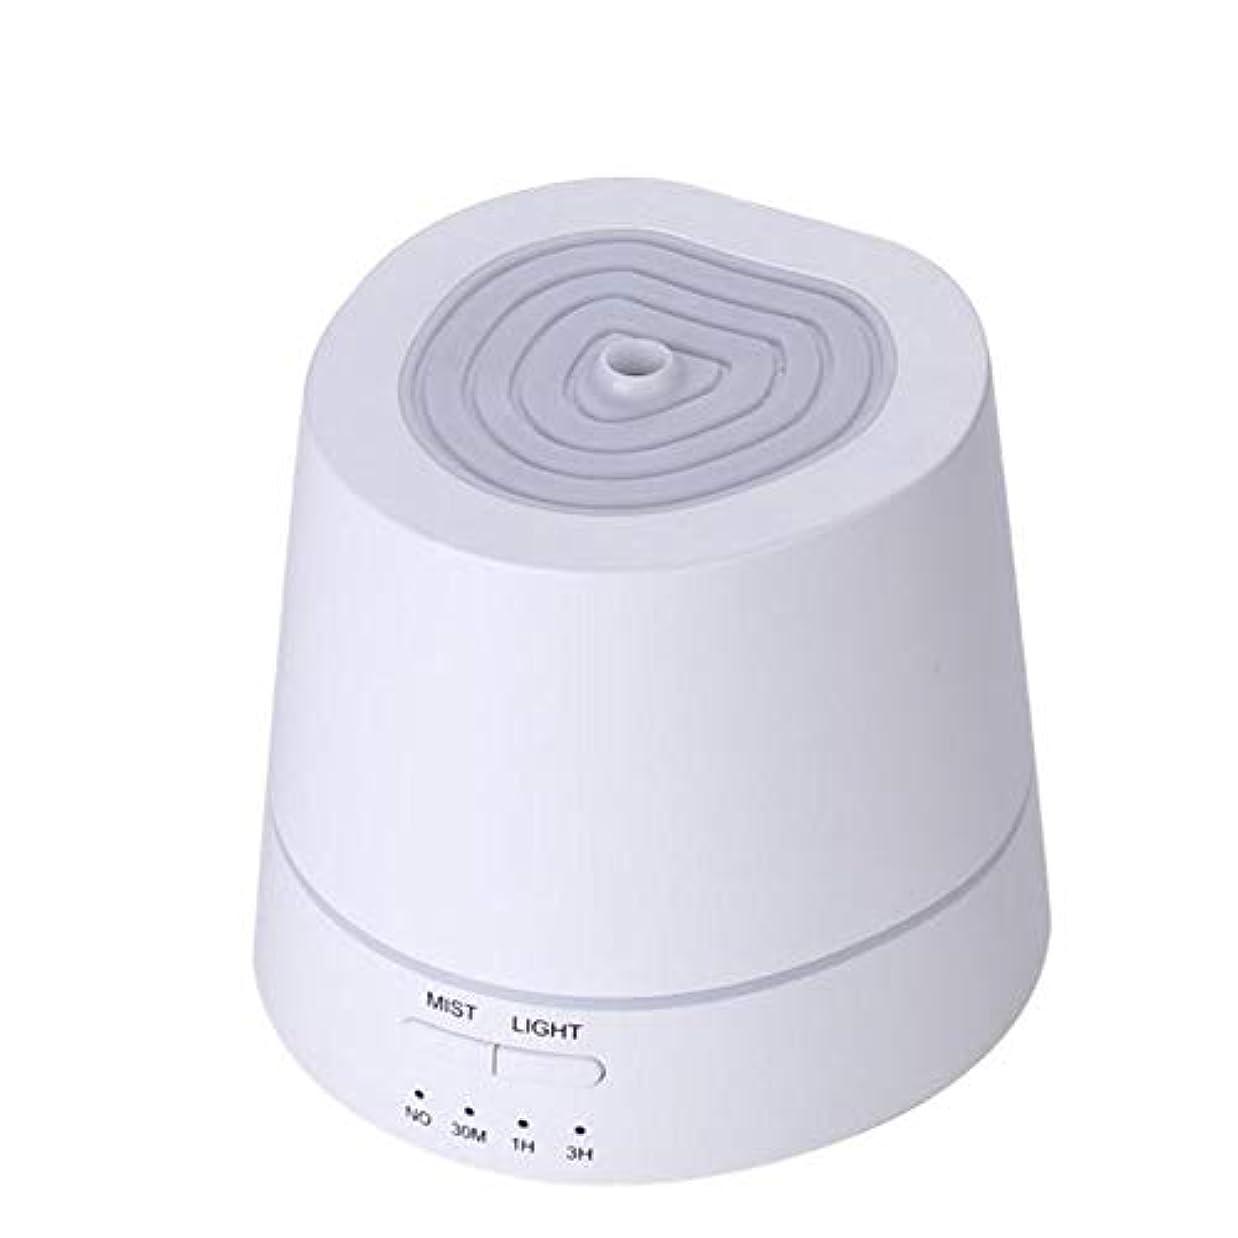 致命的な有名なライムアロマディフューザー 卓上加湿器 超音波式 150ml 小容量 USB充電式 7色LEDライト付き 間接照明 時間設定機能 部屋、会社、ヨガなど場所適用 Styleshow